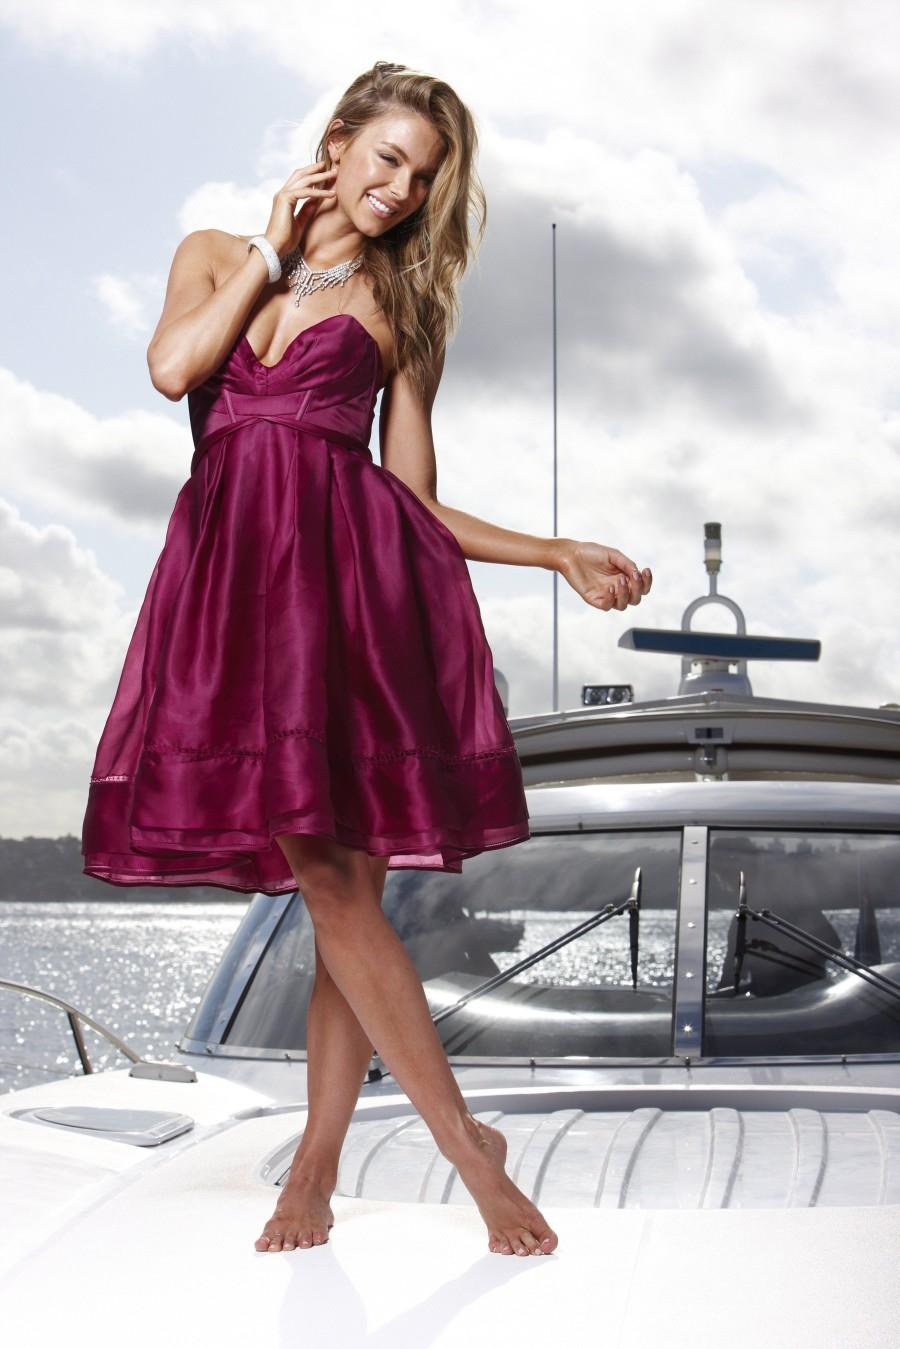 http://4.bp.blogspot.com/-G5DIbTrr32M/Tz-qbzSxBuI/AAAAAAAALFA/thPAZ7zsNq0/s1600/Jennifer+Hawkins+-+Sydney+Harbour+Photoshoot_06.jpg